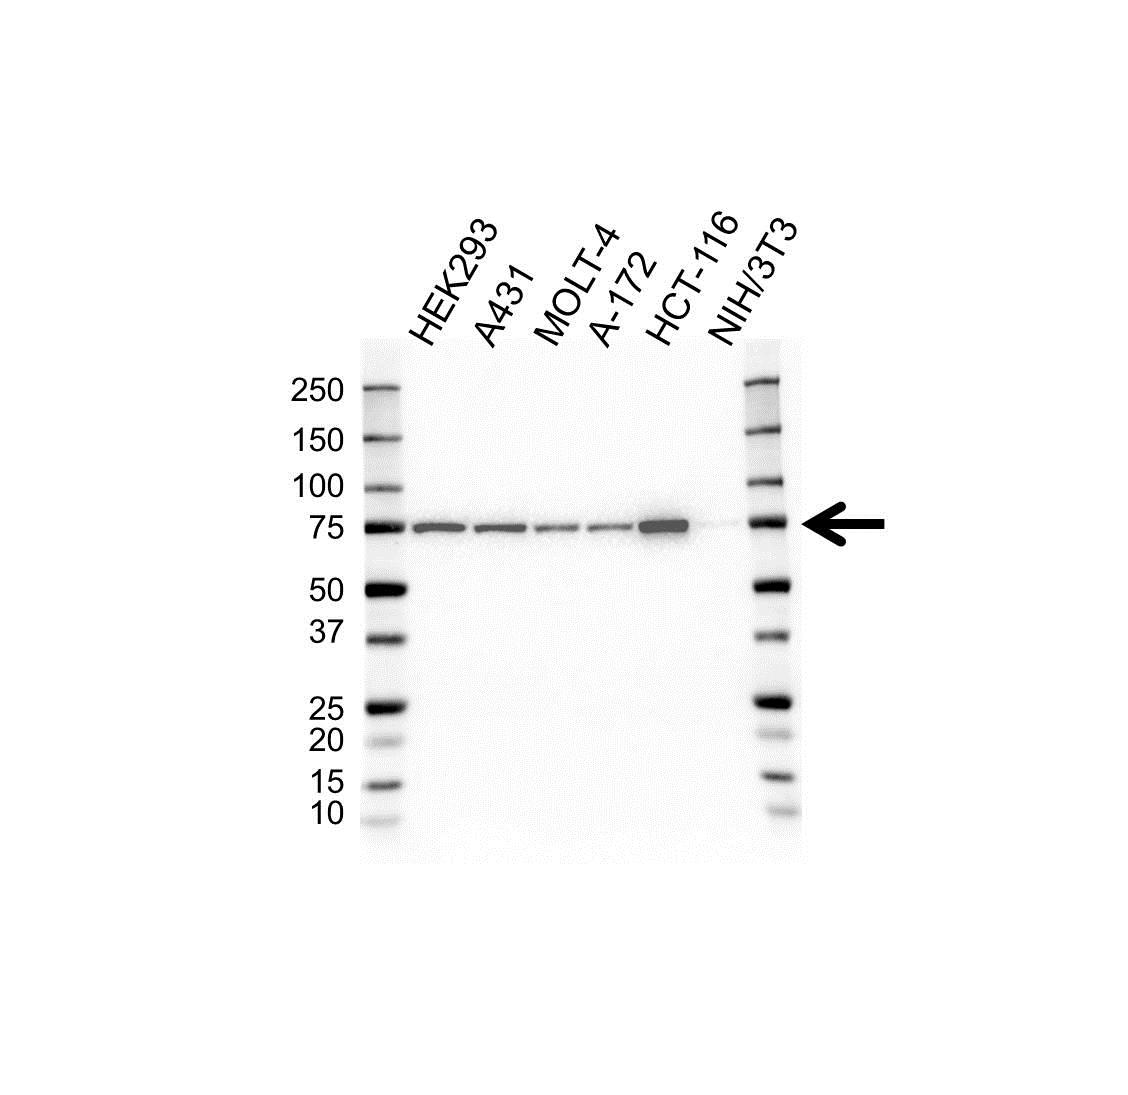 Anti Heat Shock Protein 75 Antibody, clone 1A1 (PrecisionAb™ Monoclonal Antibody) gallery image 1